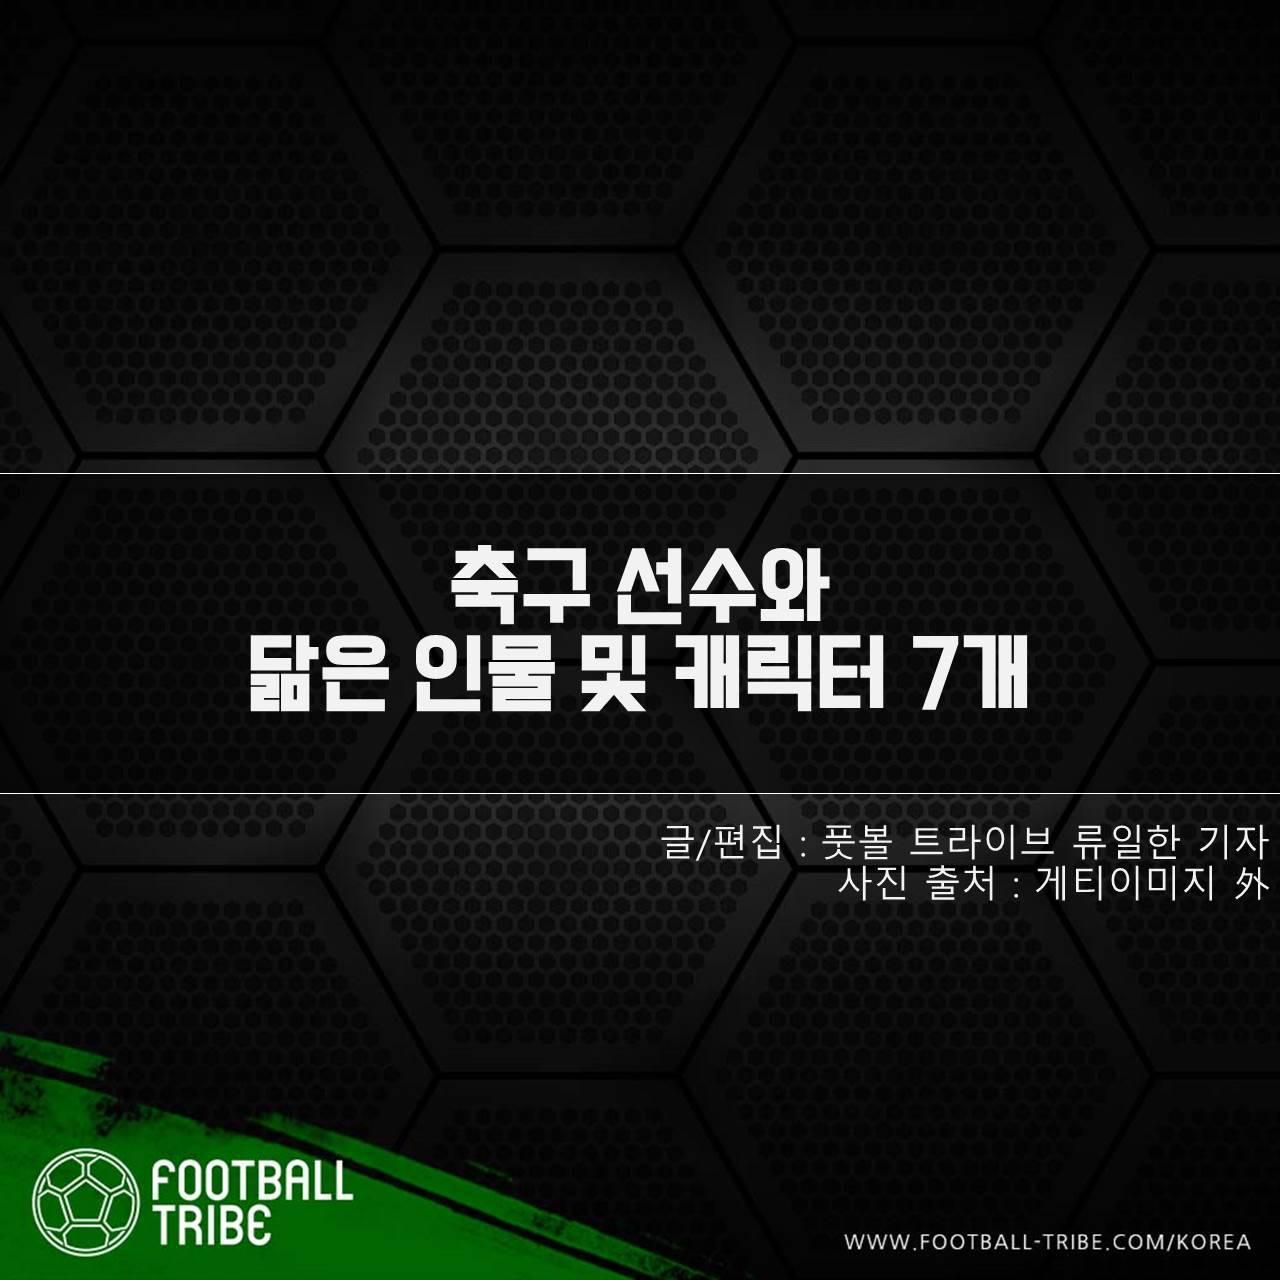 [카드 뉴스] 축구 선수와 닮은 인물 및 캐릭터 7개